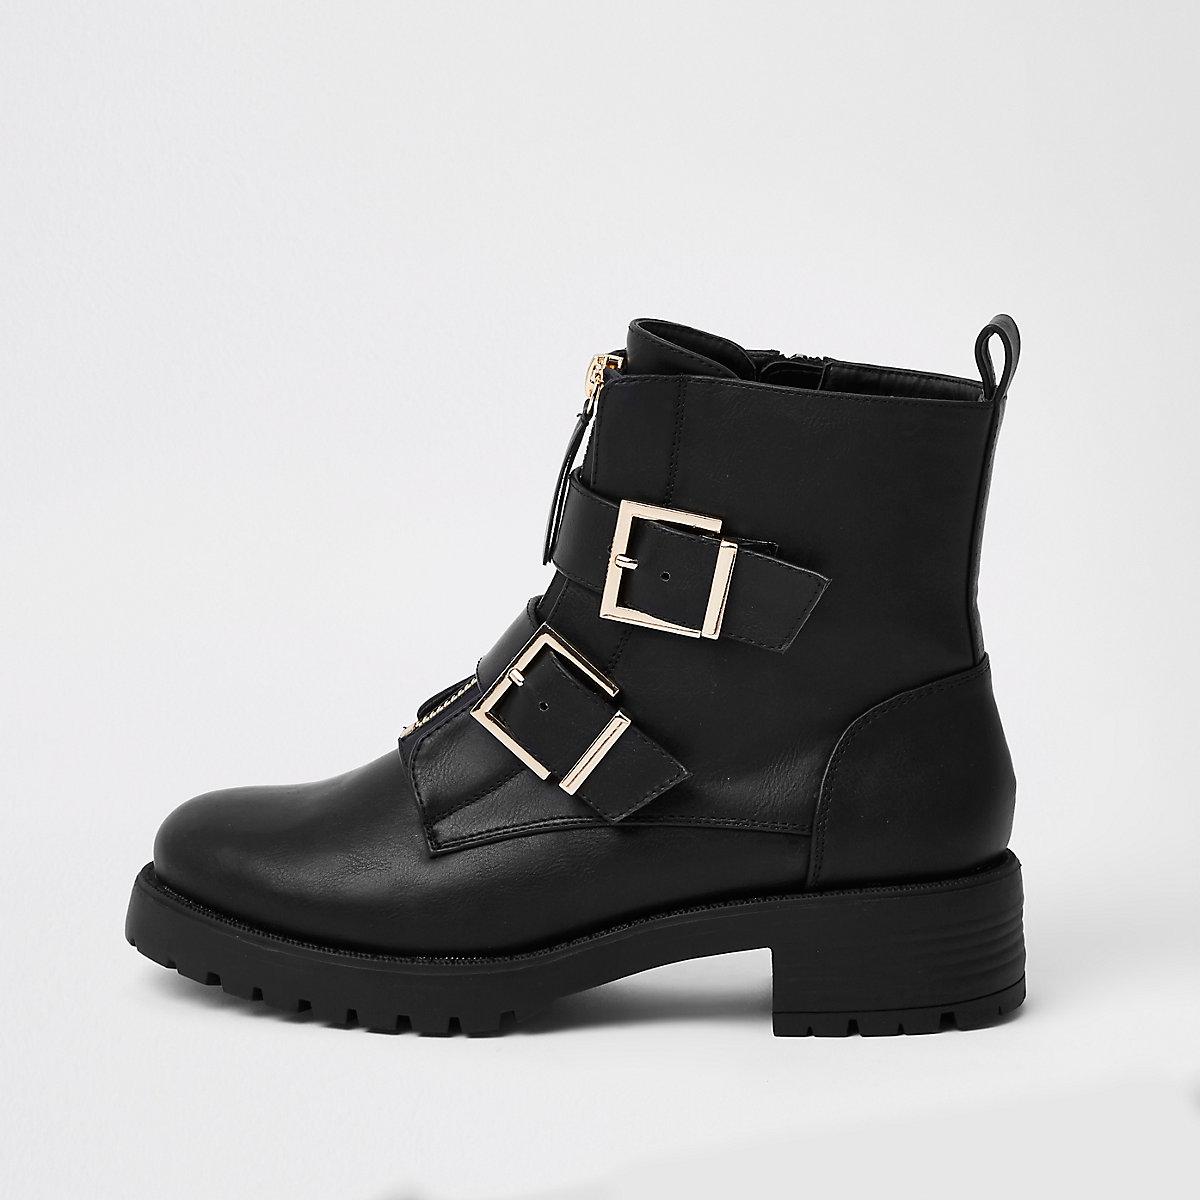 Zwarte stevige laarzen met gesp en rits voor